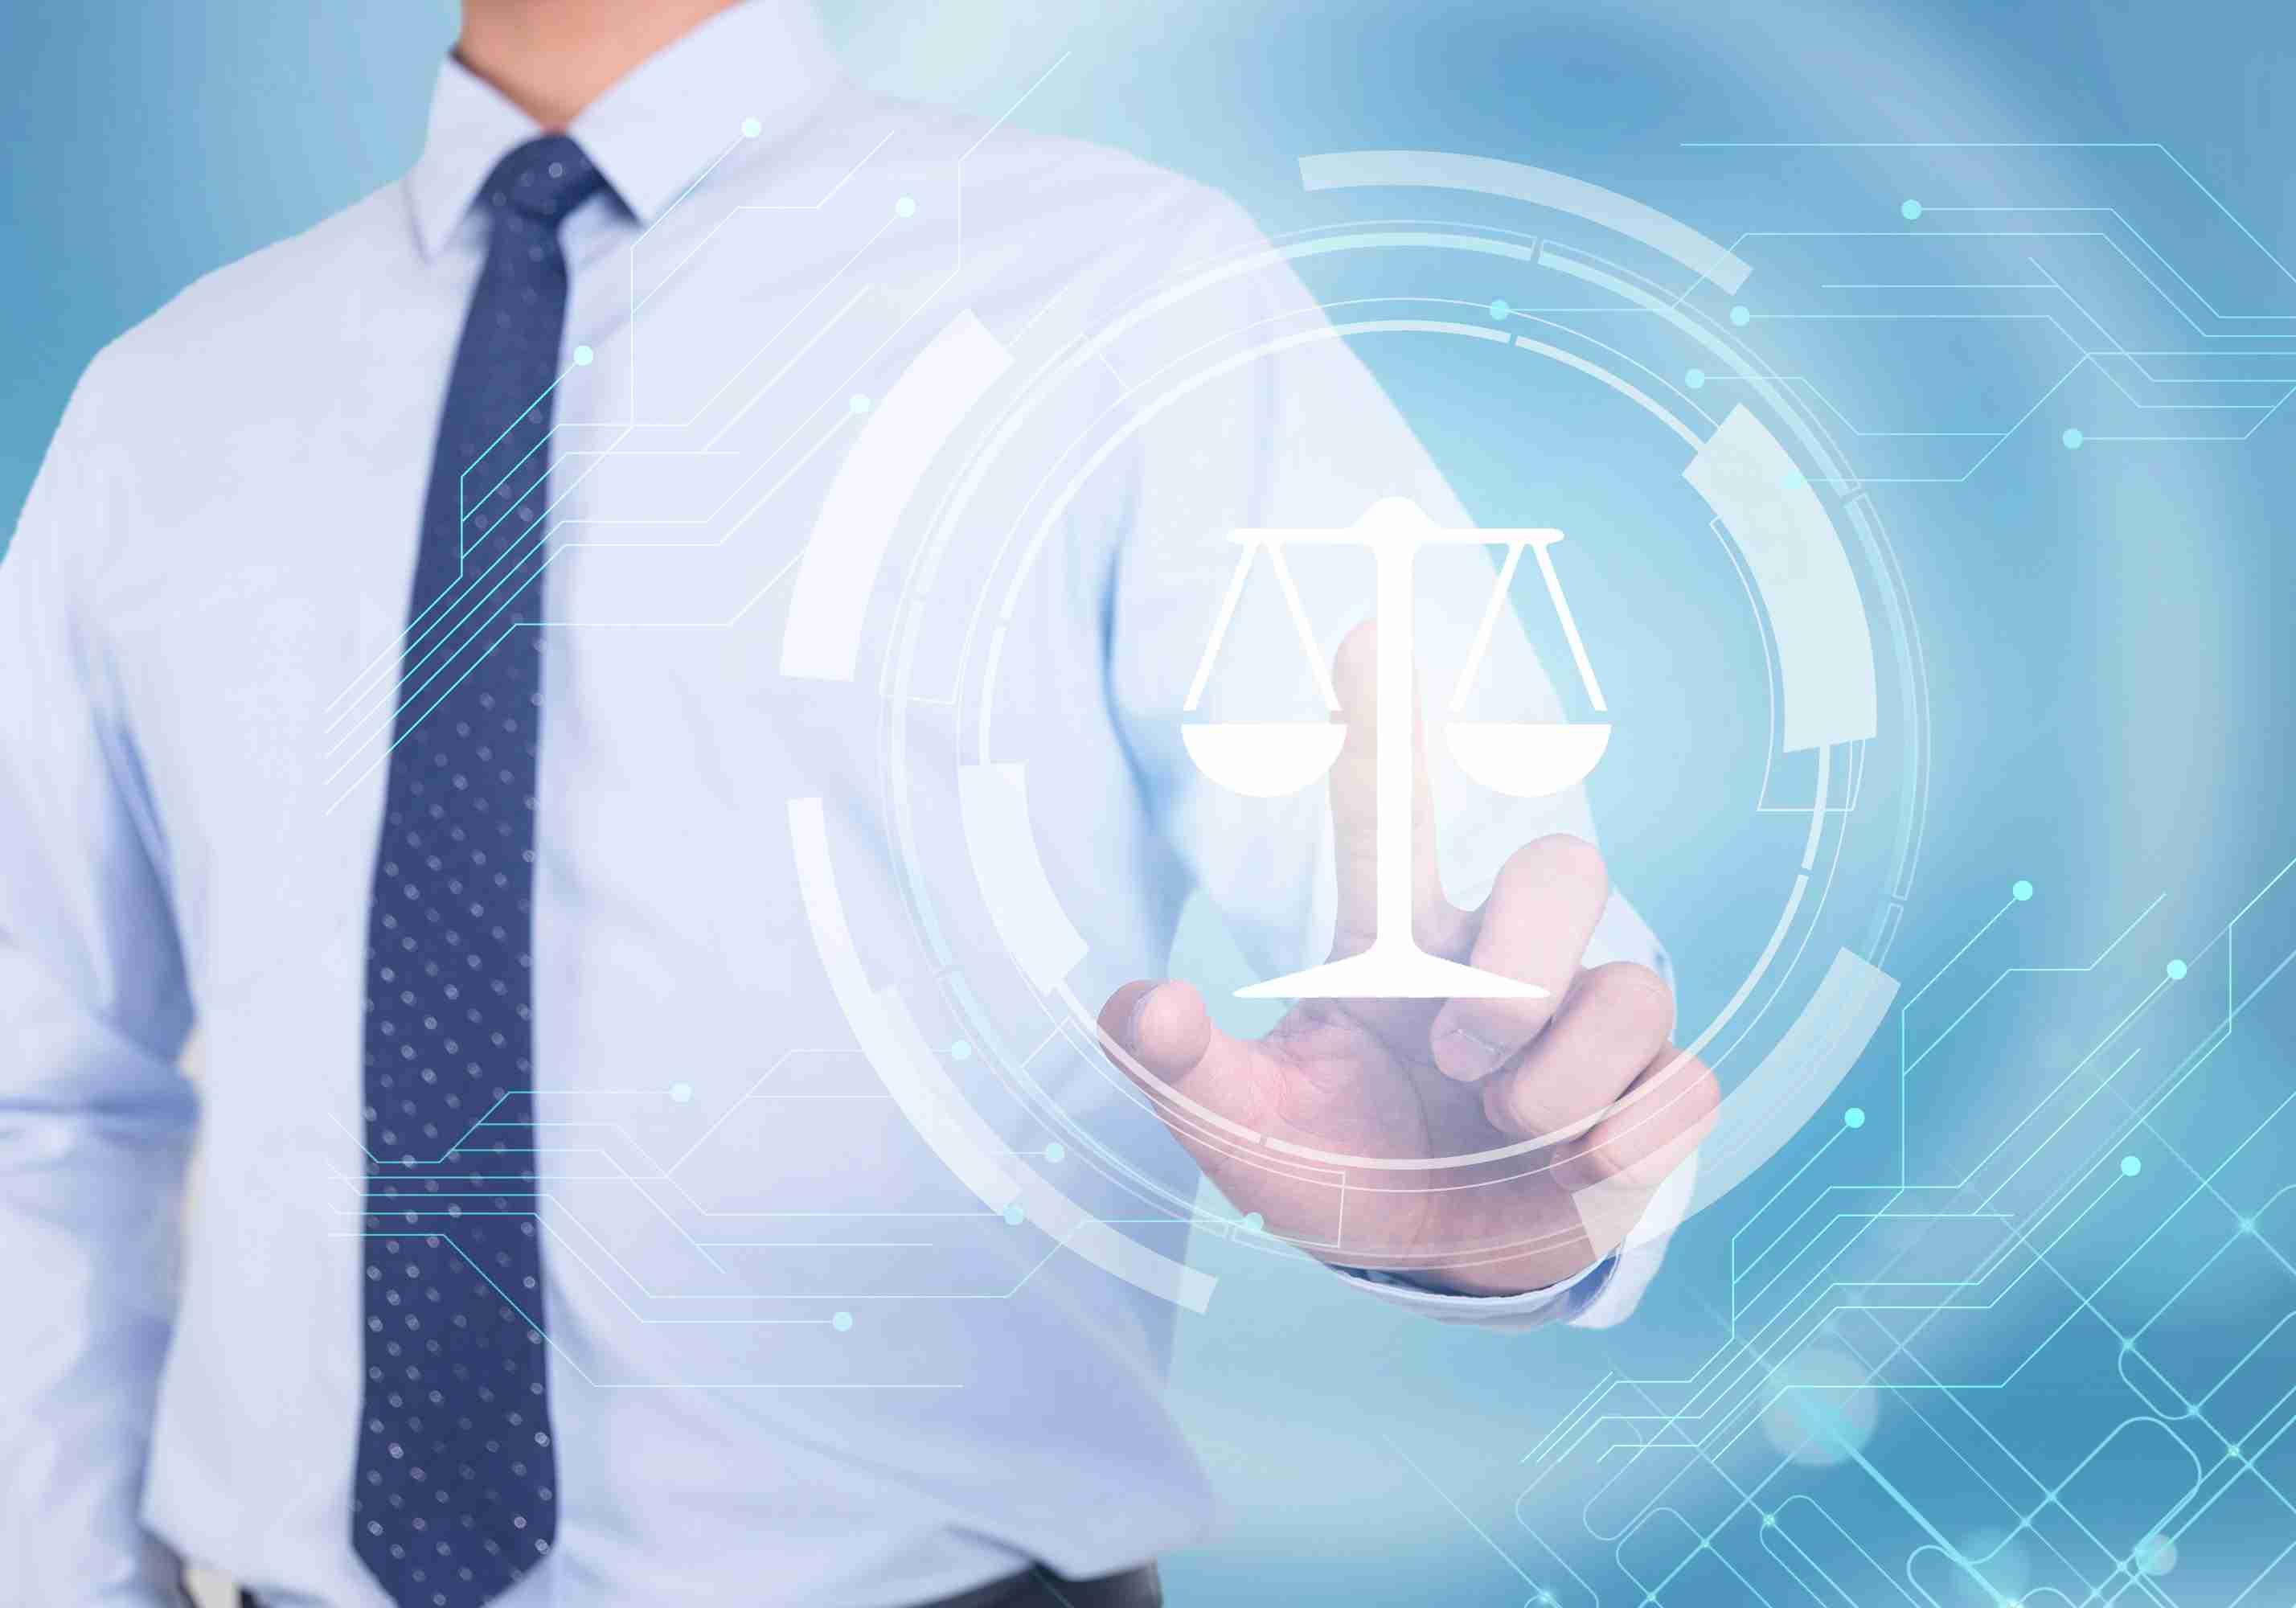 深圳知识产权律师讲版权侵权构成条件